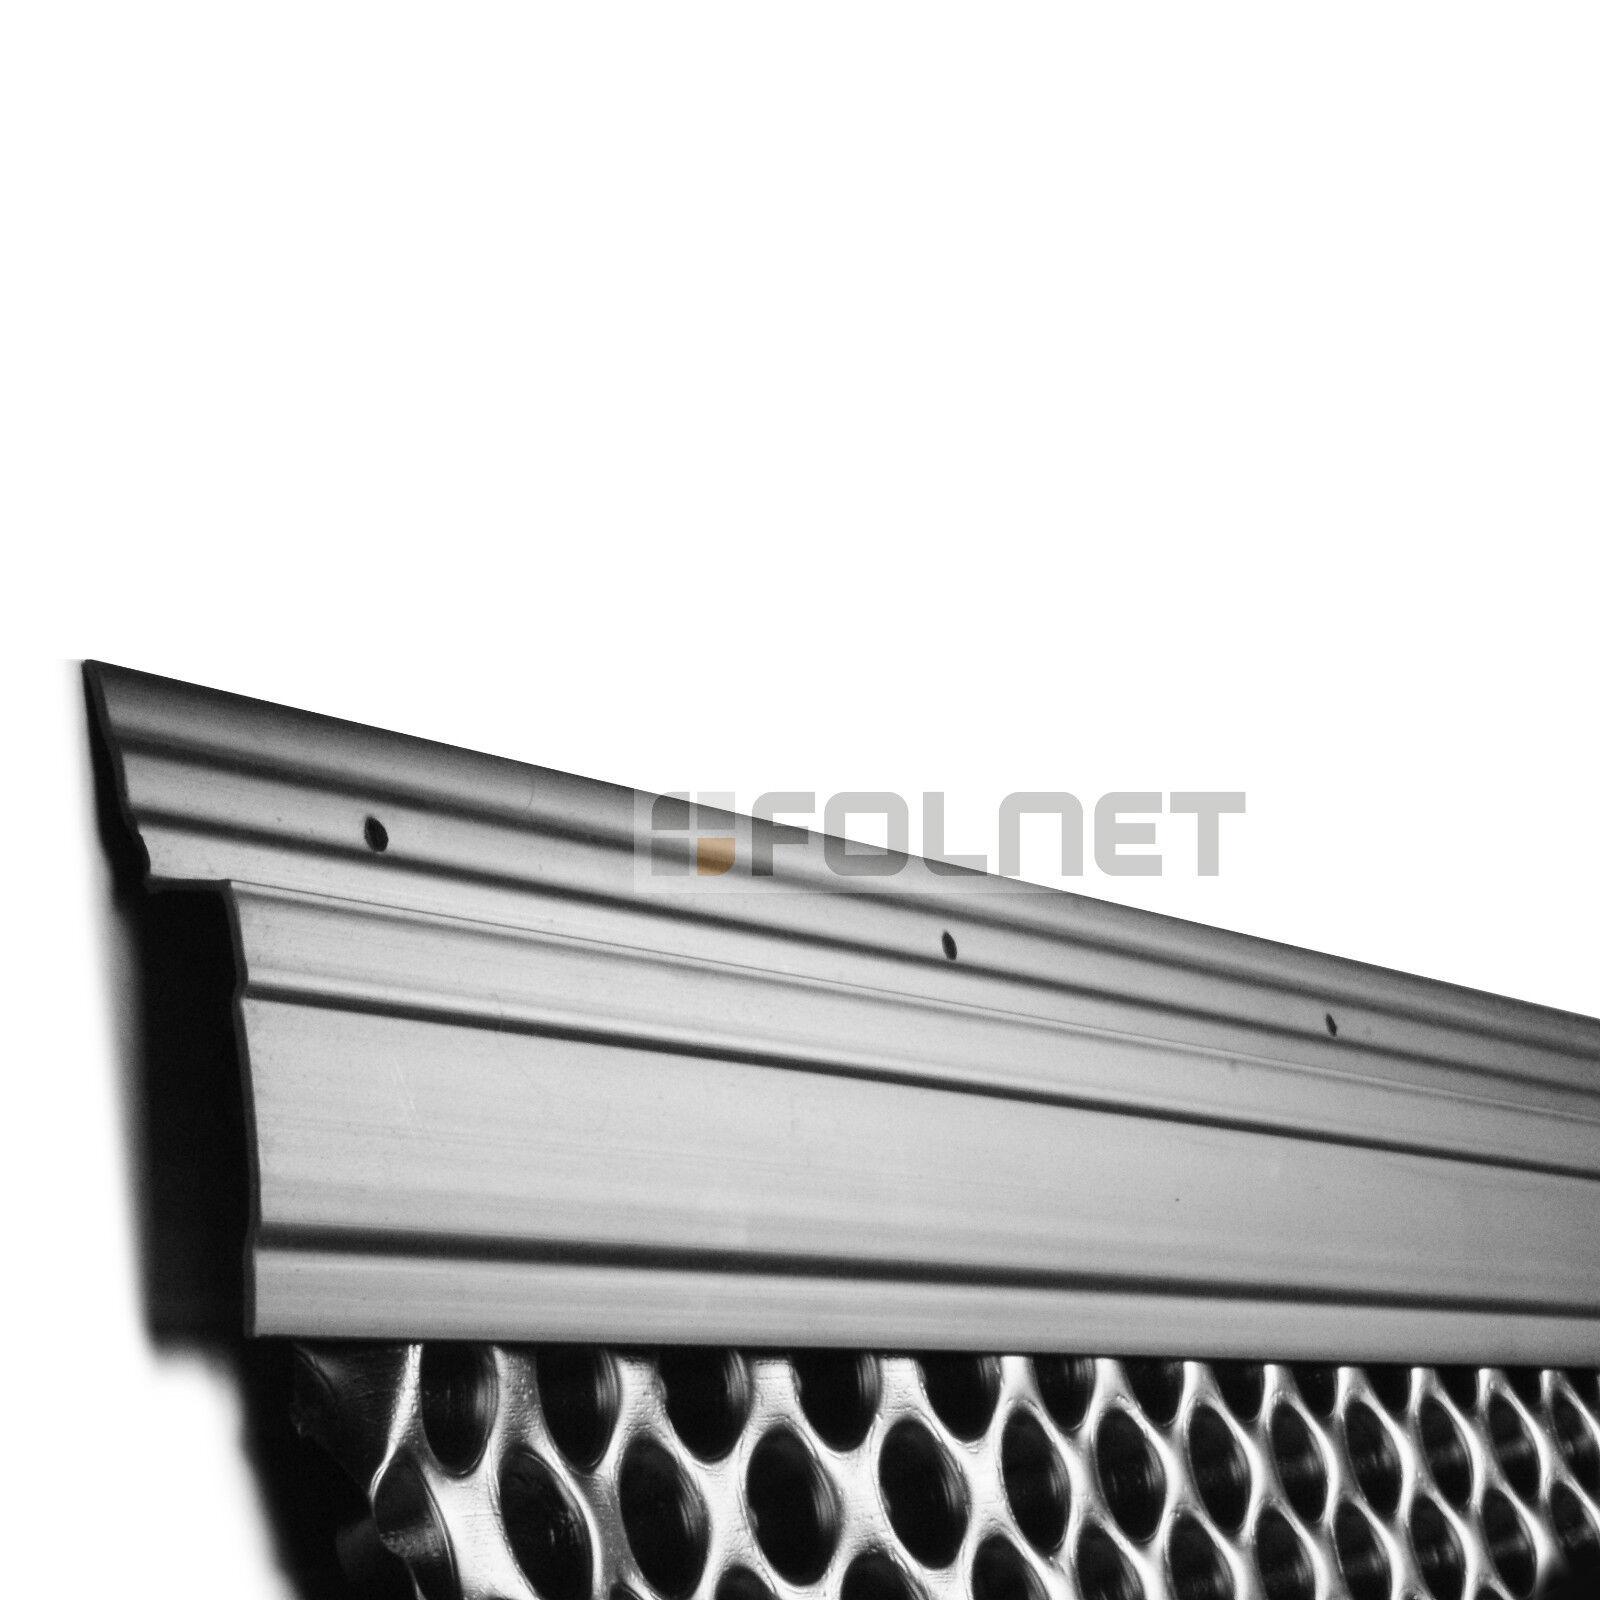 noppenbahn grundmauerschutz noppenfolie 1 m x 20 m eur 18 90 picclick de. Black Bedroom Furniture Sets. Home Design Ideas